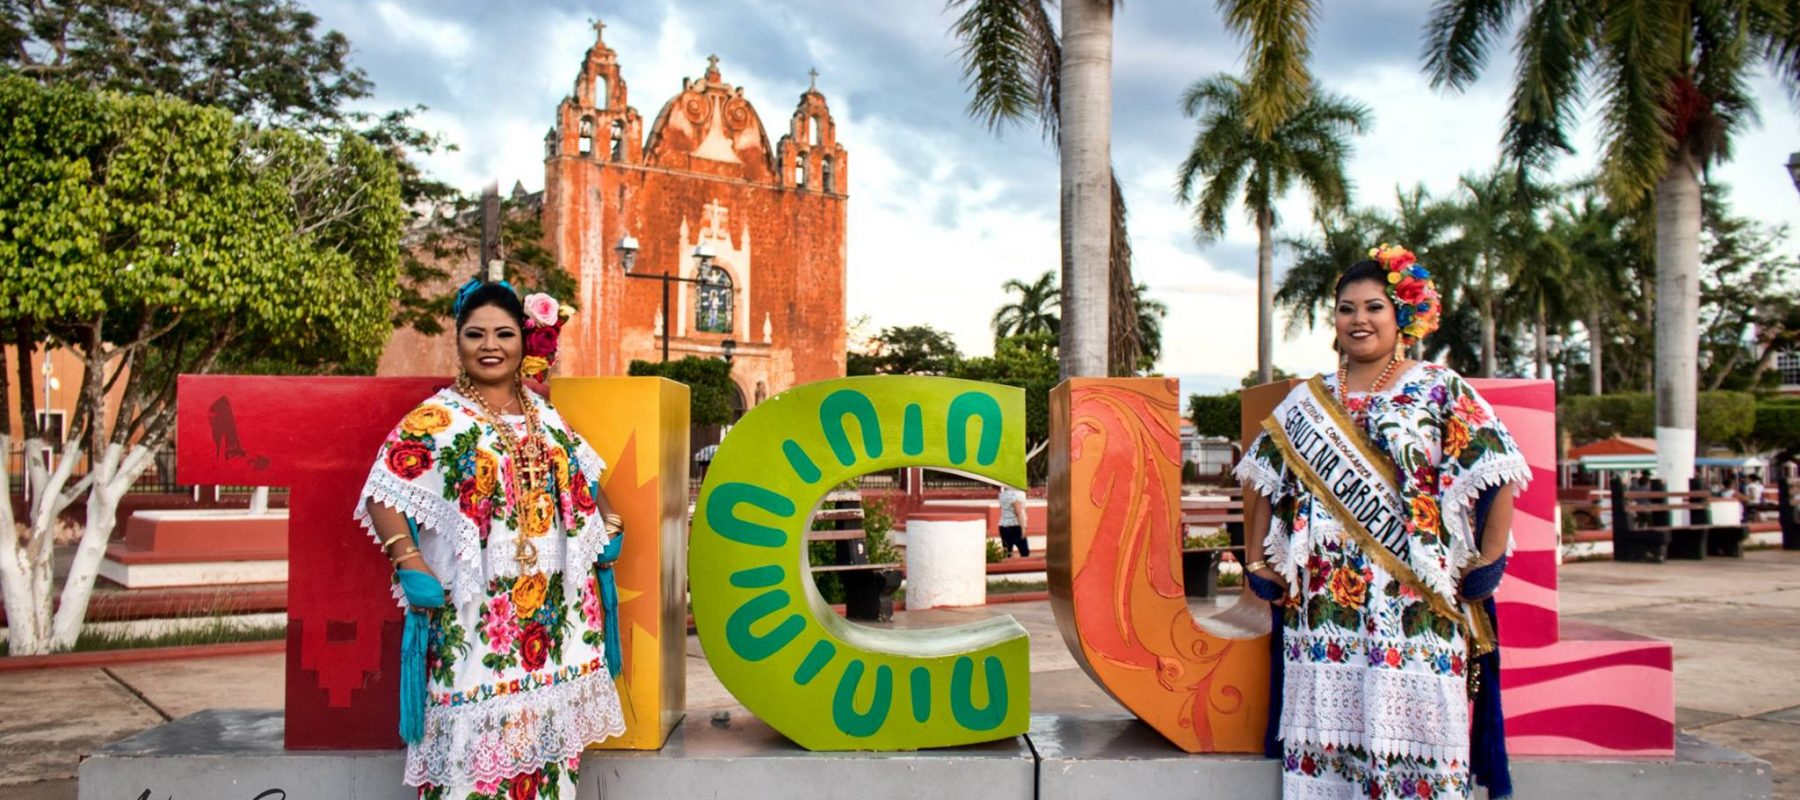 Pueblos de Yucatán: ¡Vísitalos!